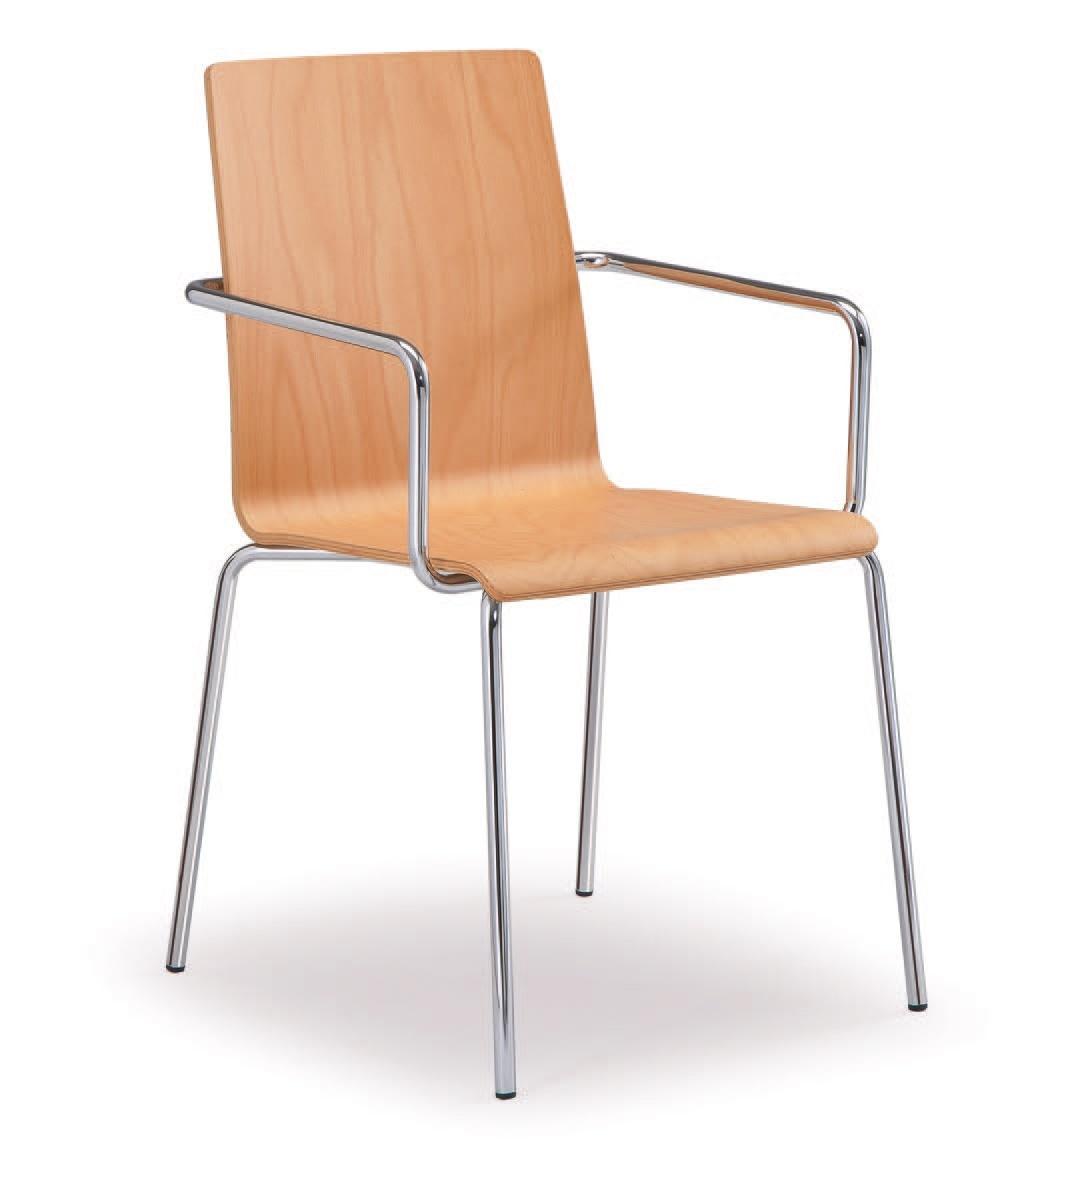 SE 509, Chaise en métal avec coque en bois peint, pour une utilisation du contrat